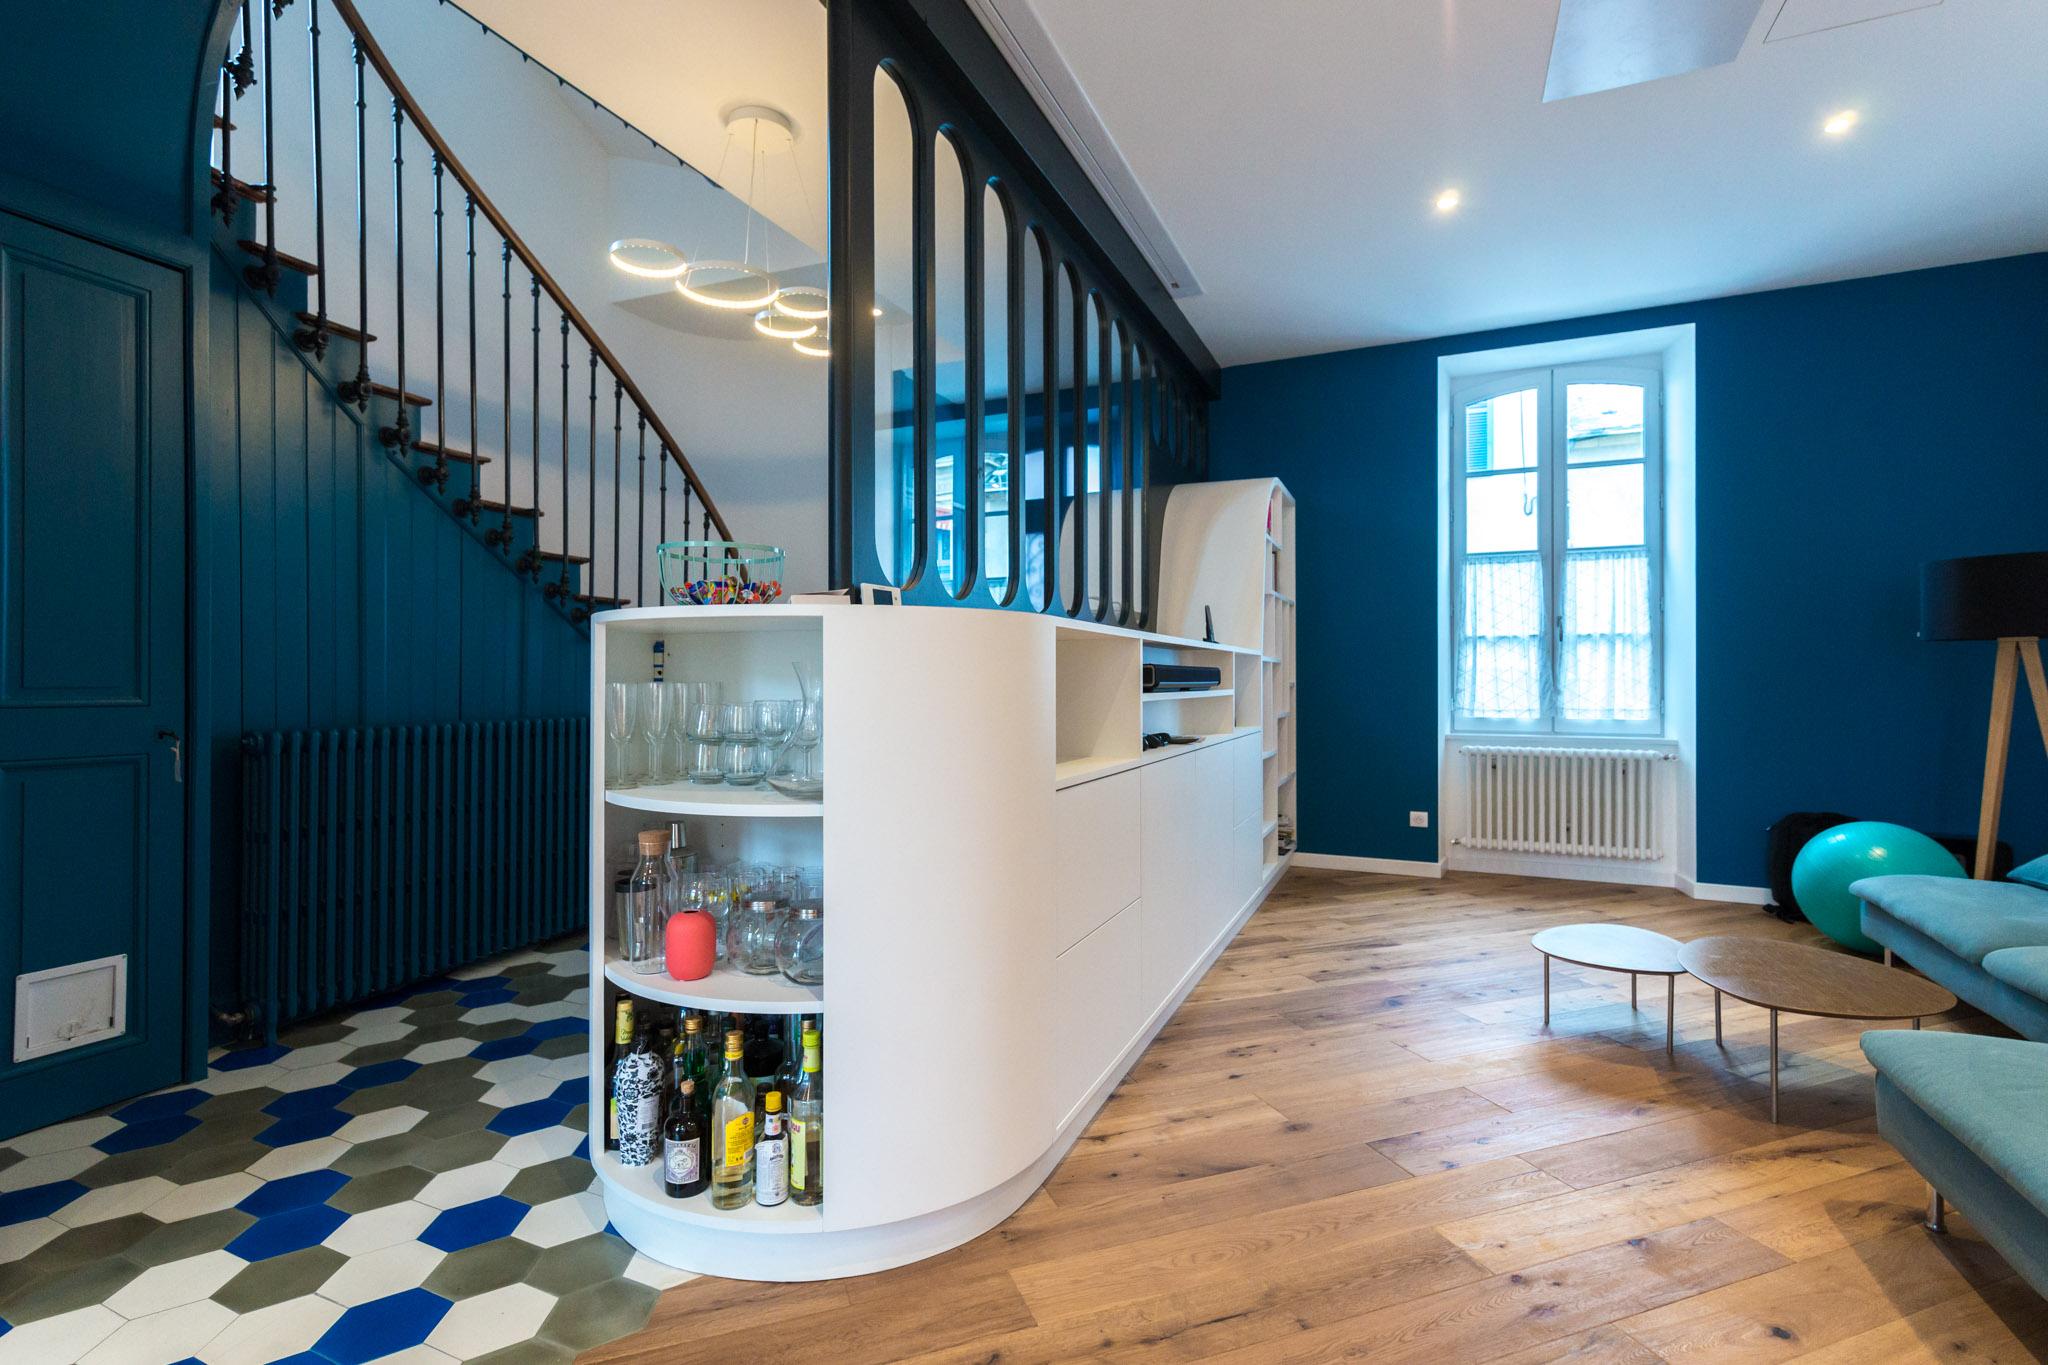 Architecte Interieur La Rochelle renovation-amenagement-decoration-ameublement-agencement